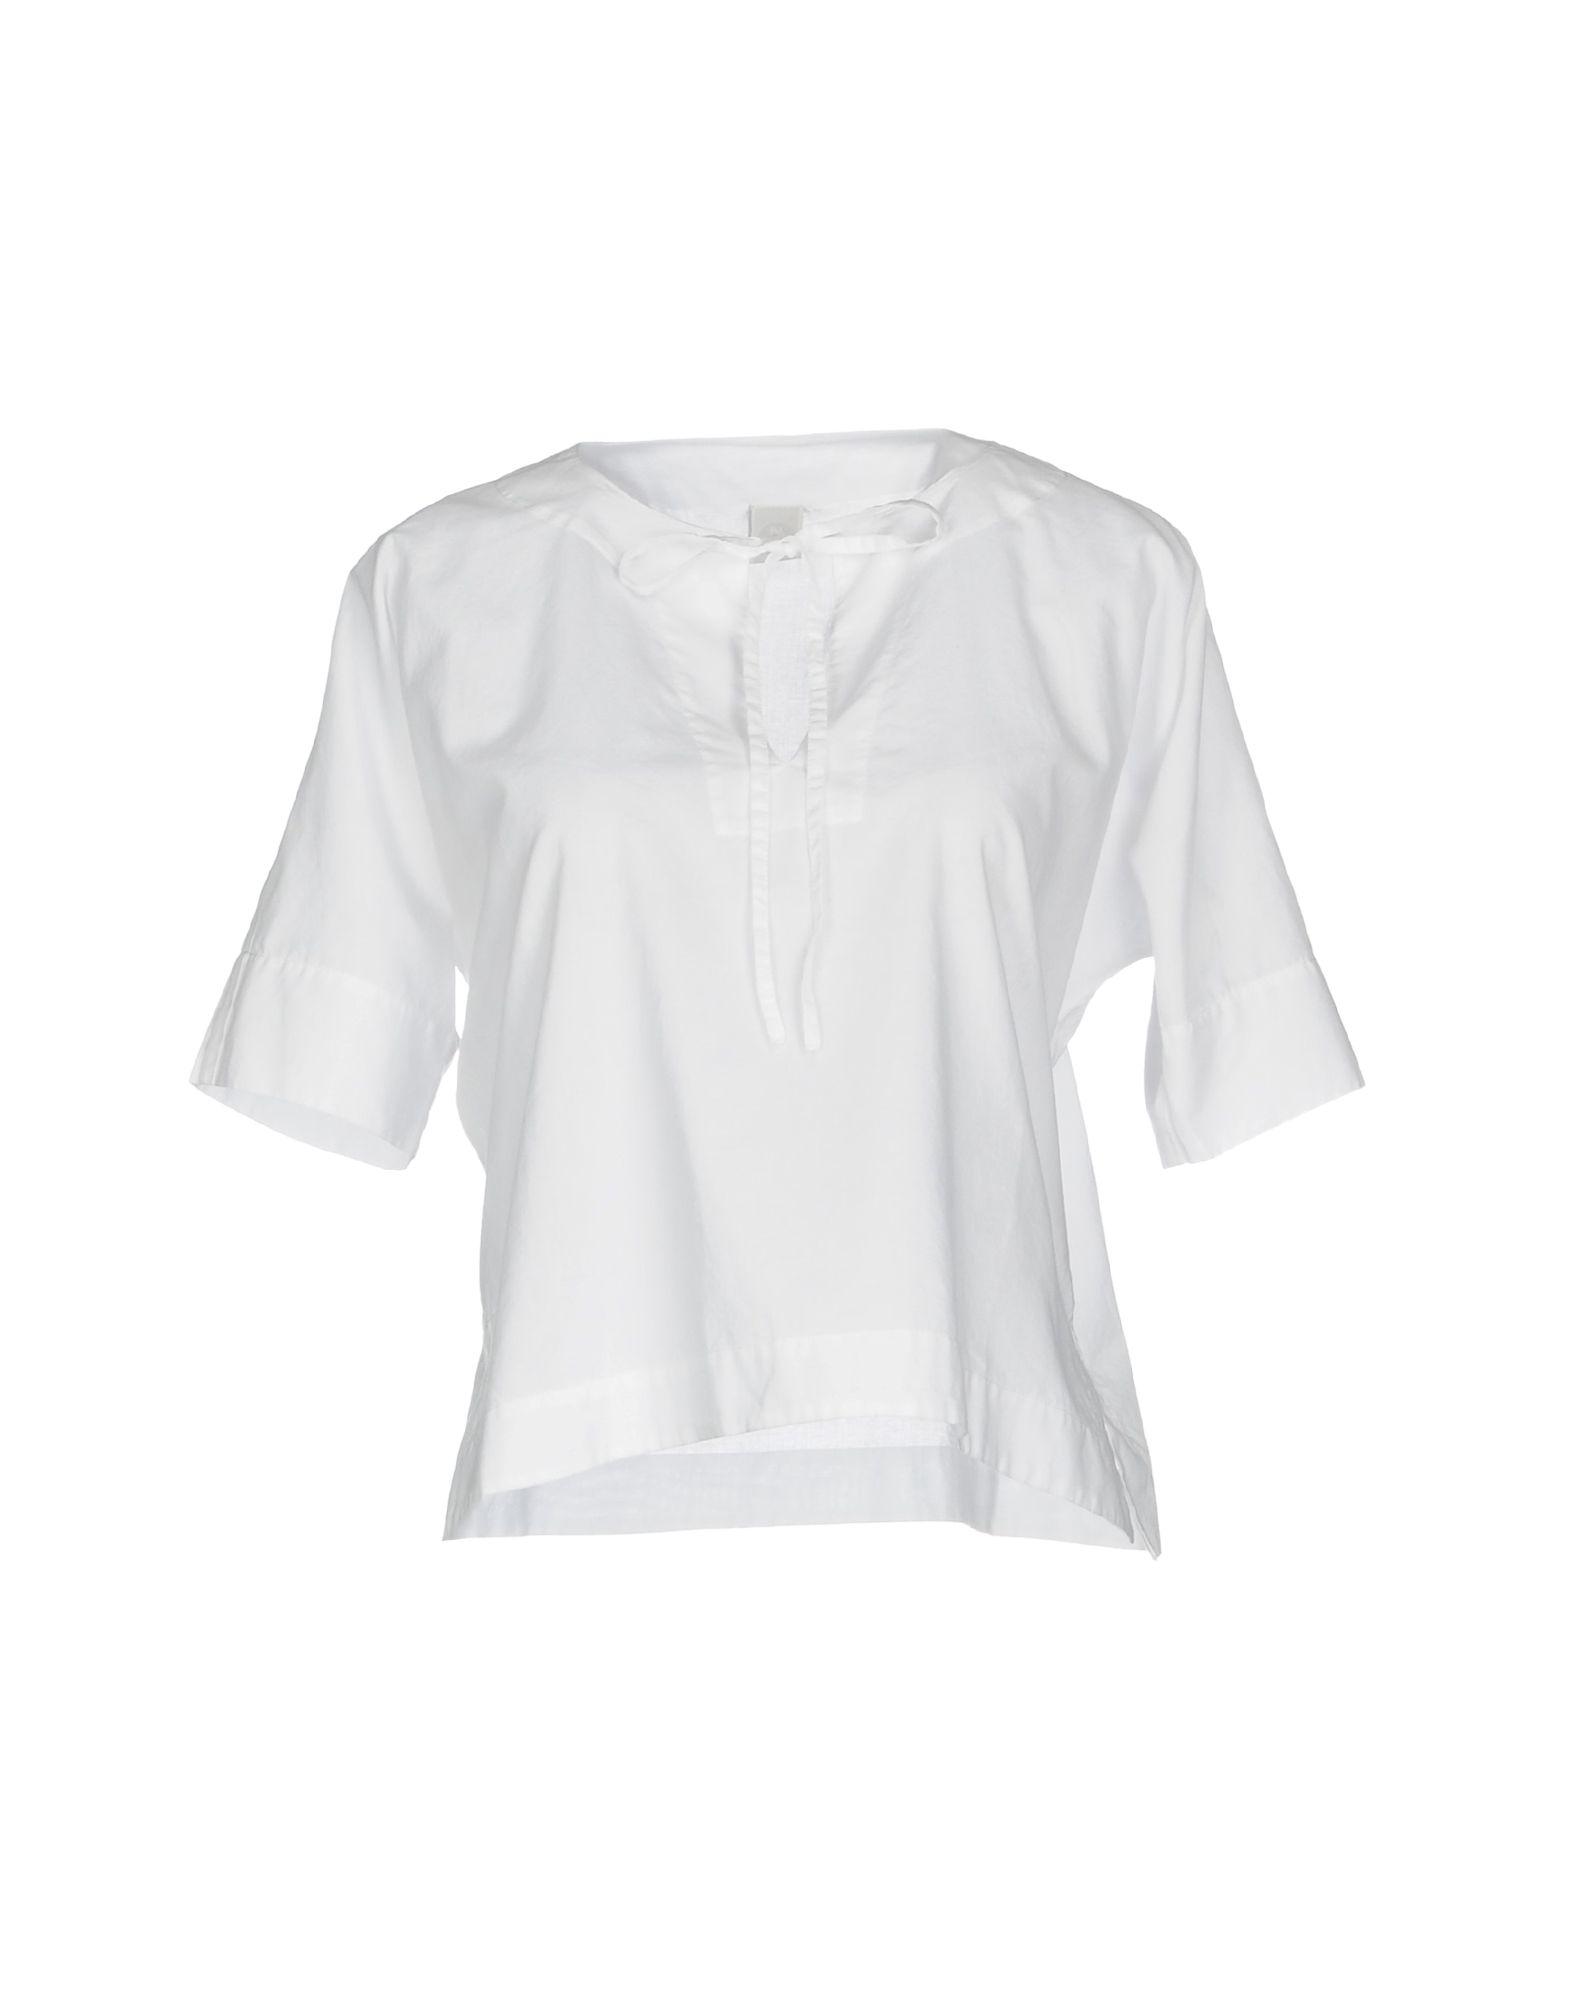 где купить NORTH SAILS Блузка по лучшей цене